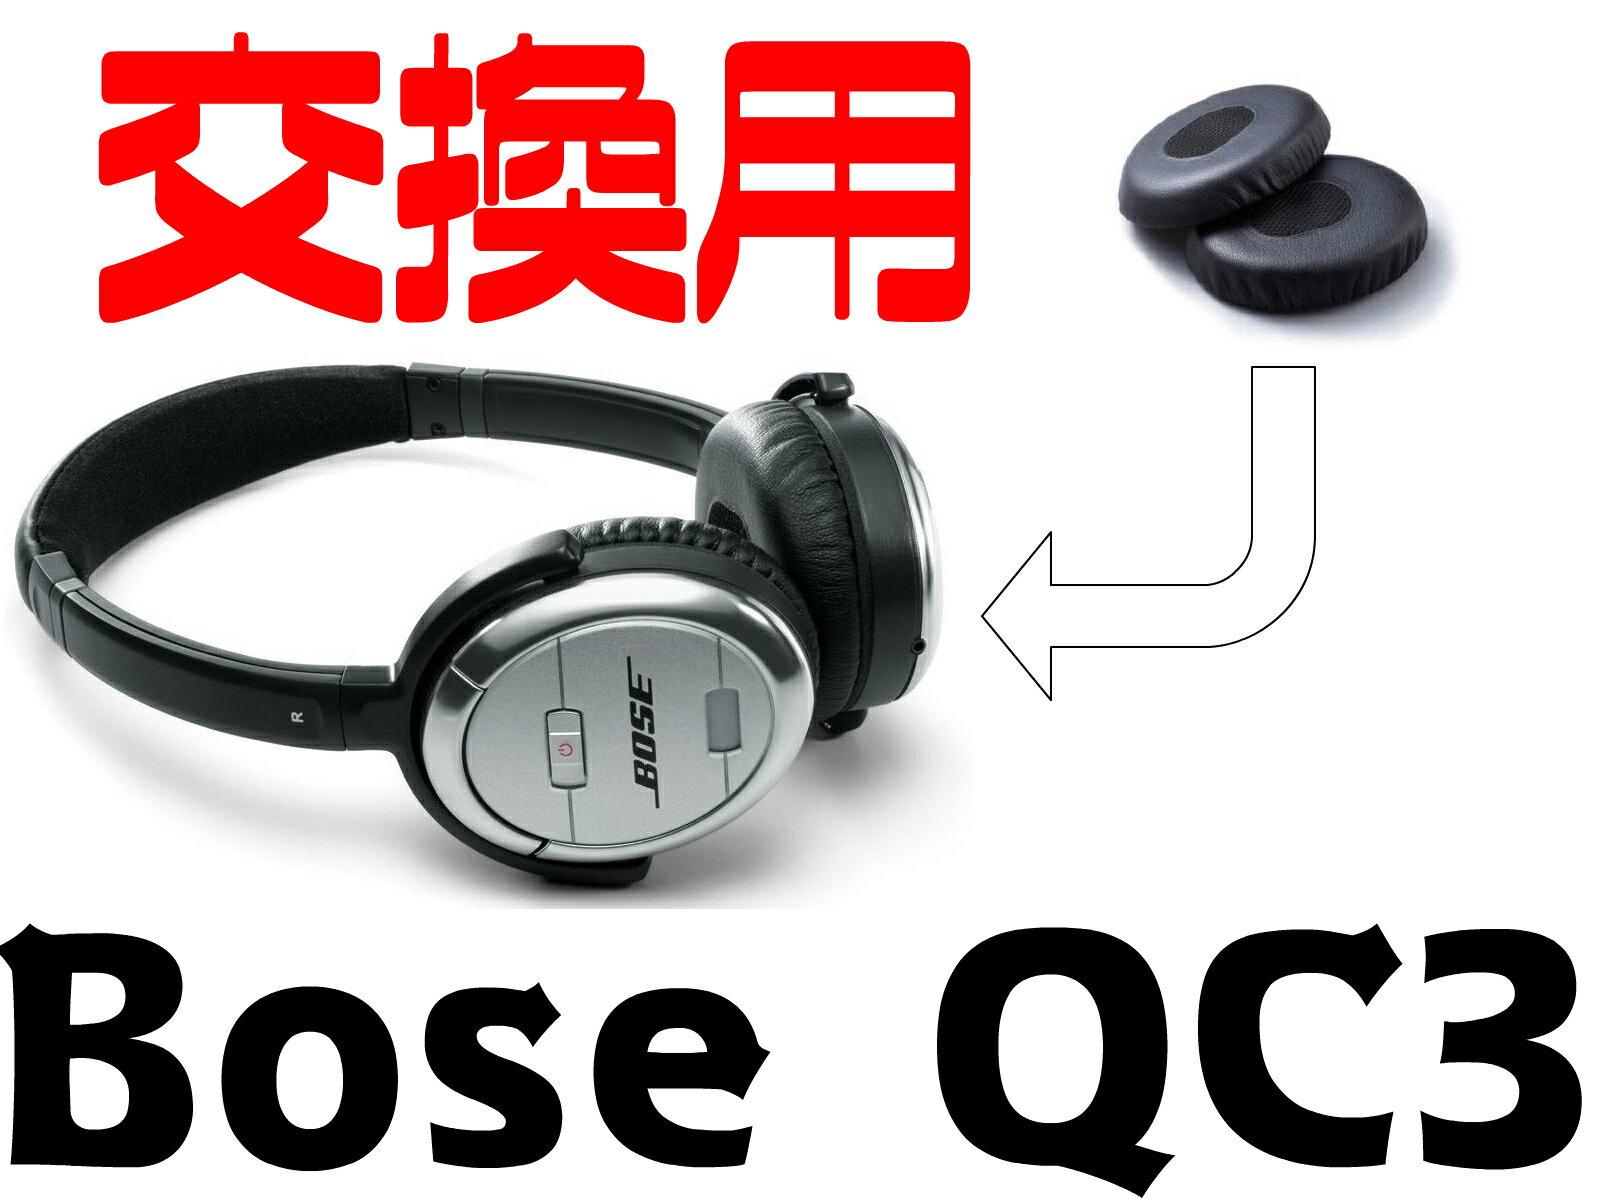 【送料無料】Bose QuietComfort 3 交換用 イヤーパッド ヘッドホンパッド イヤパッド QC3 qc3 イヤホン 2個 ヘッドフォン スペア オーディオ 耳あて クッション カバー スポンジ 劣化 パッド イヤ 掃除 耳当て 交換 U5421